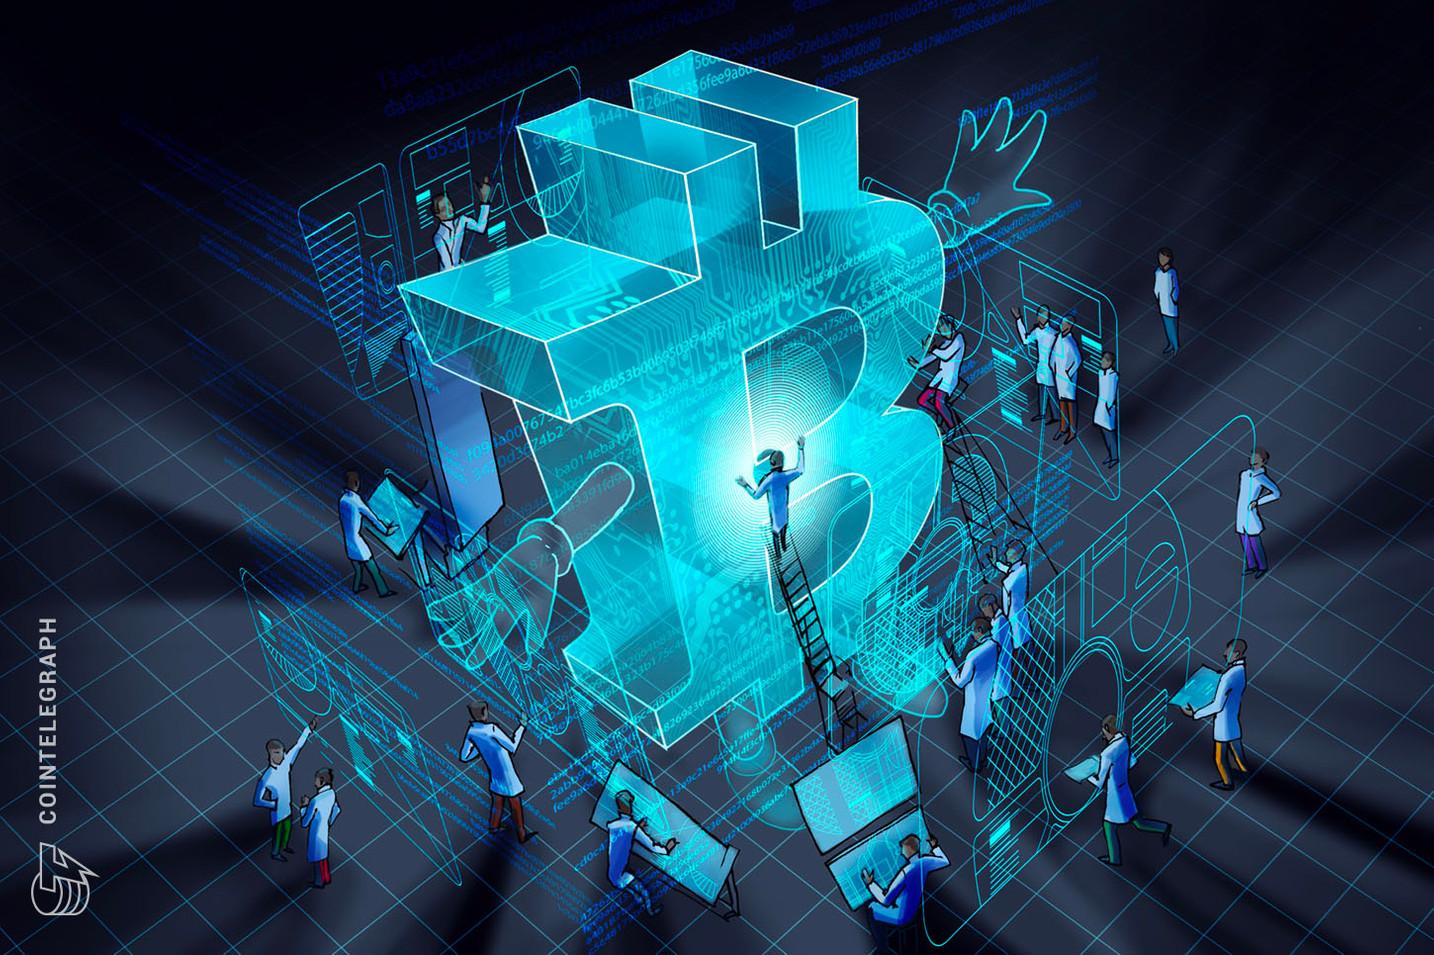 Registro da gigante financeira Fidelity descreve produto de negociação de Bitcoin